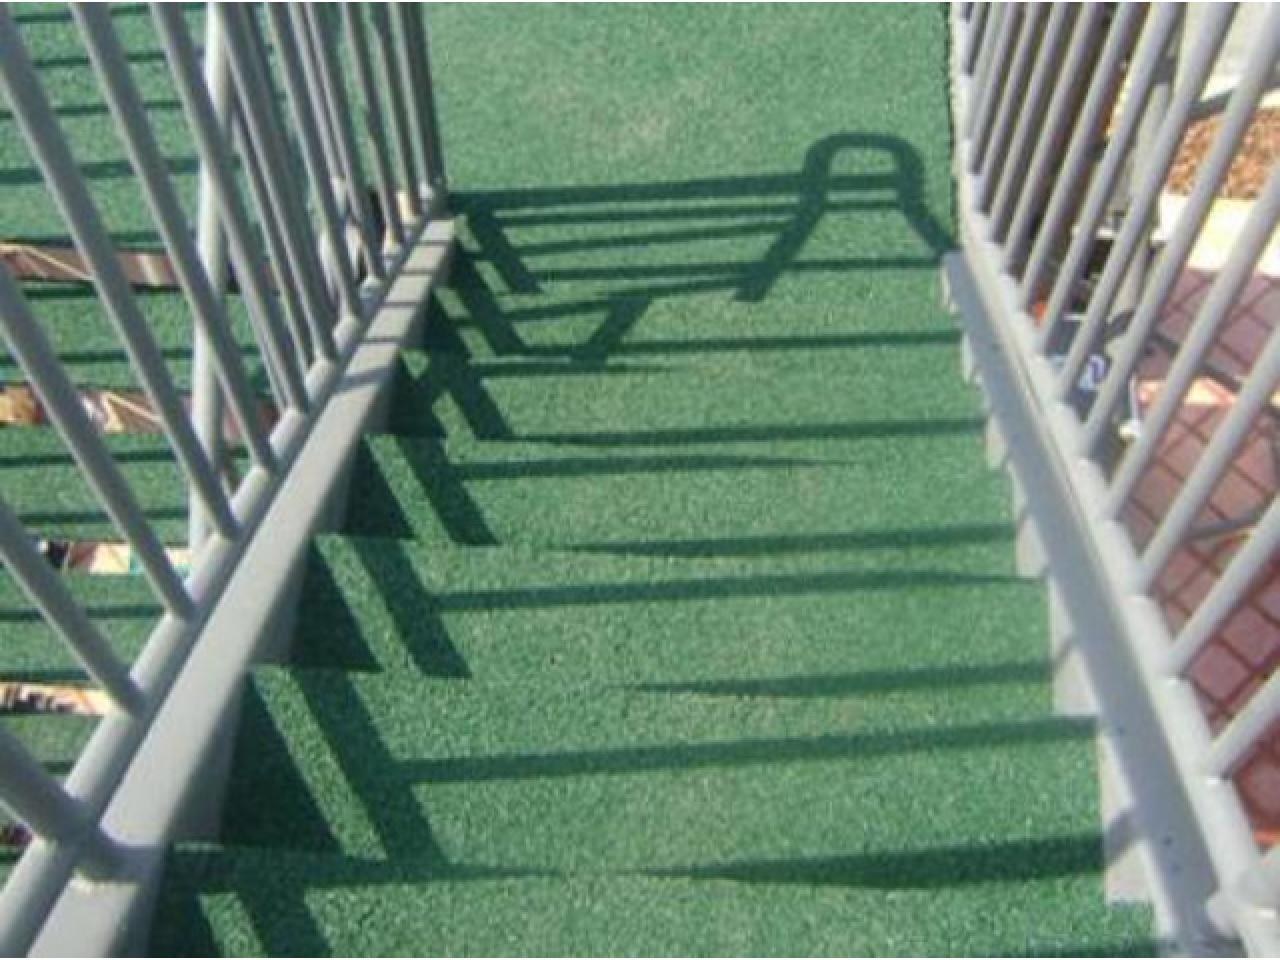 Противоскользящее покрытие для ступеней и лестницы по минимальной цене. - 5